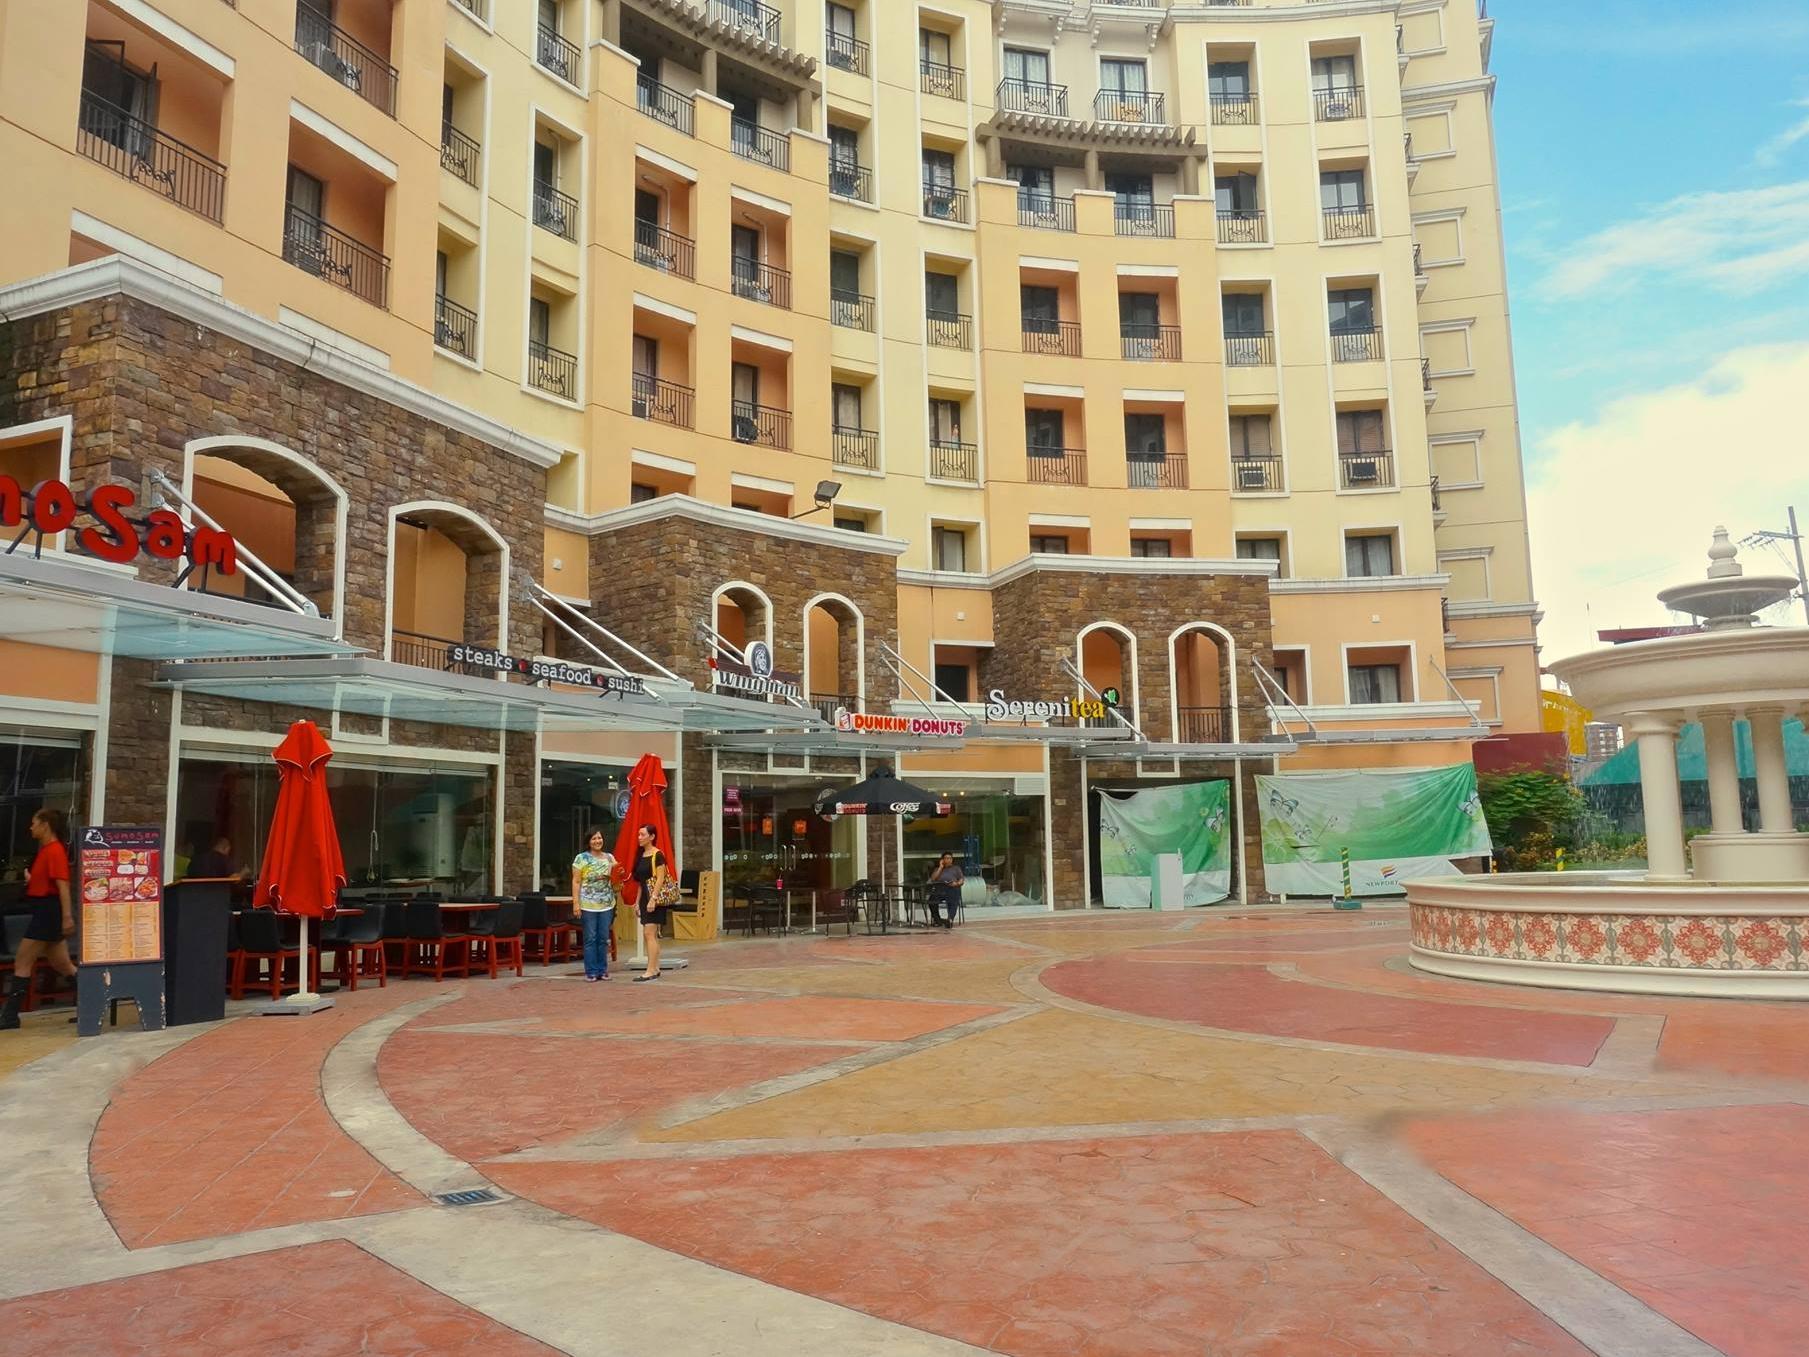 Sarasota Residential Condominium